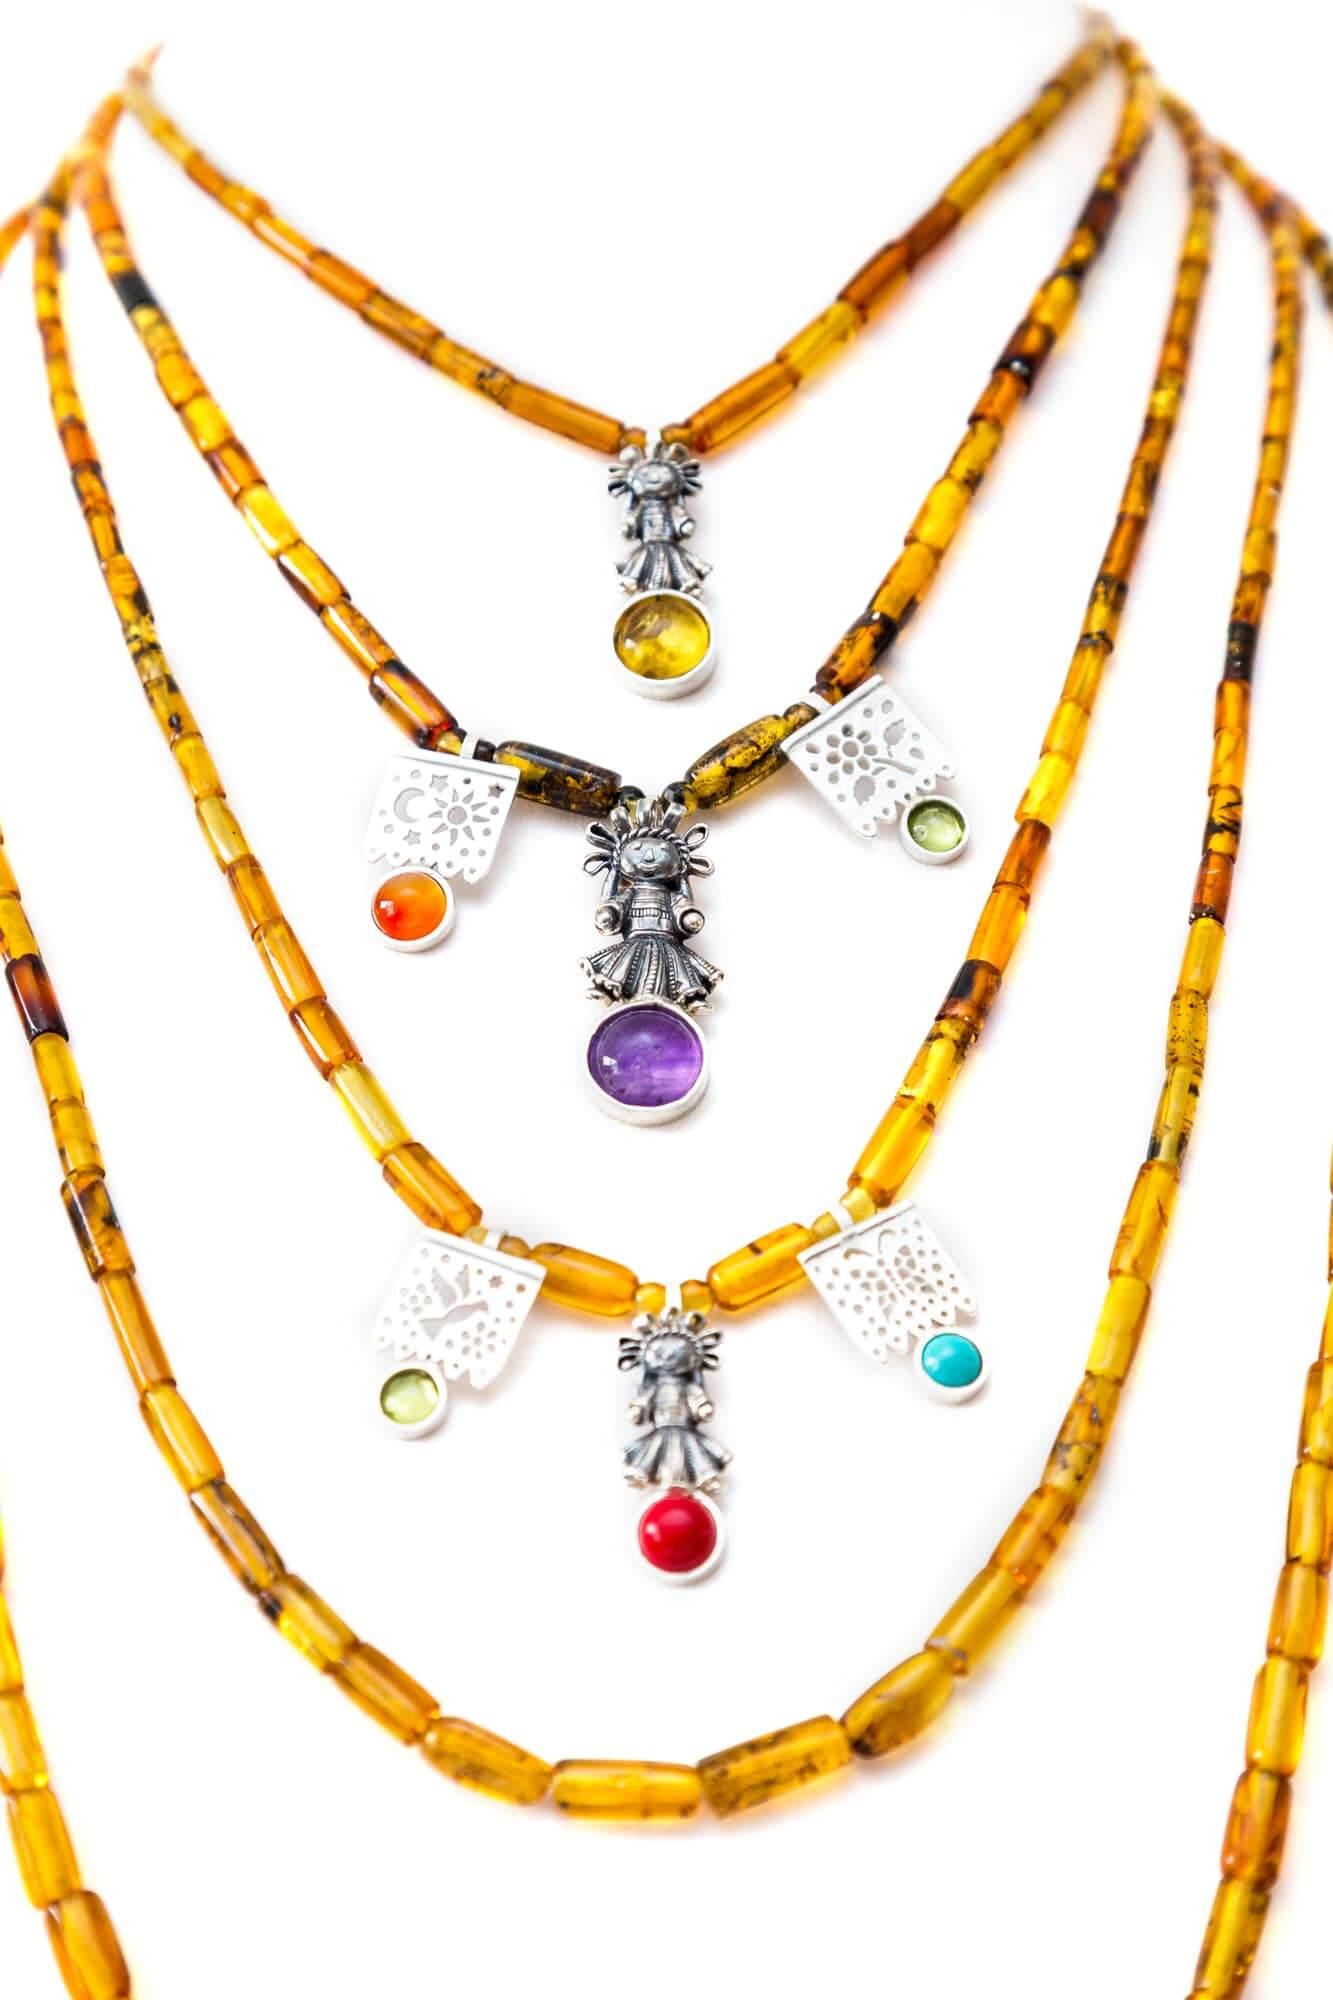 joyas mexicanas gabriela sanchez collar niveles de ambar con munecas collar gabriela sanchez